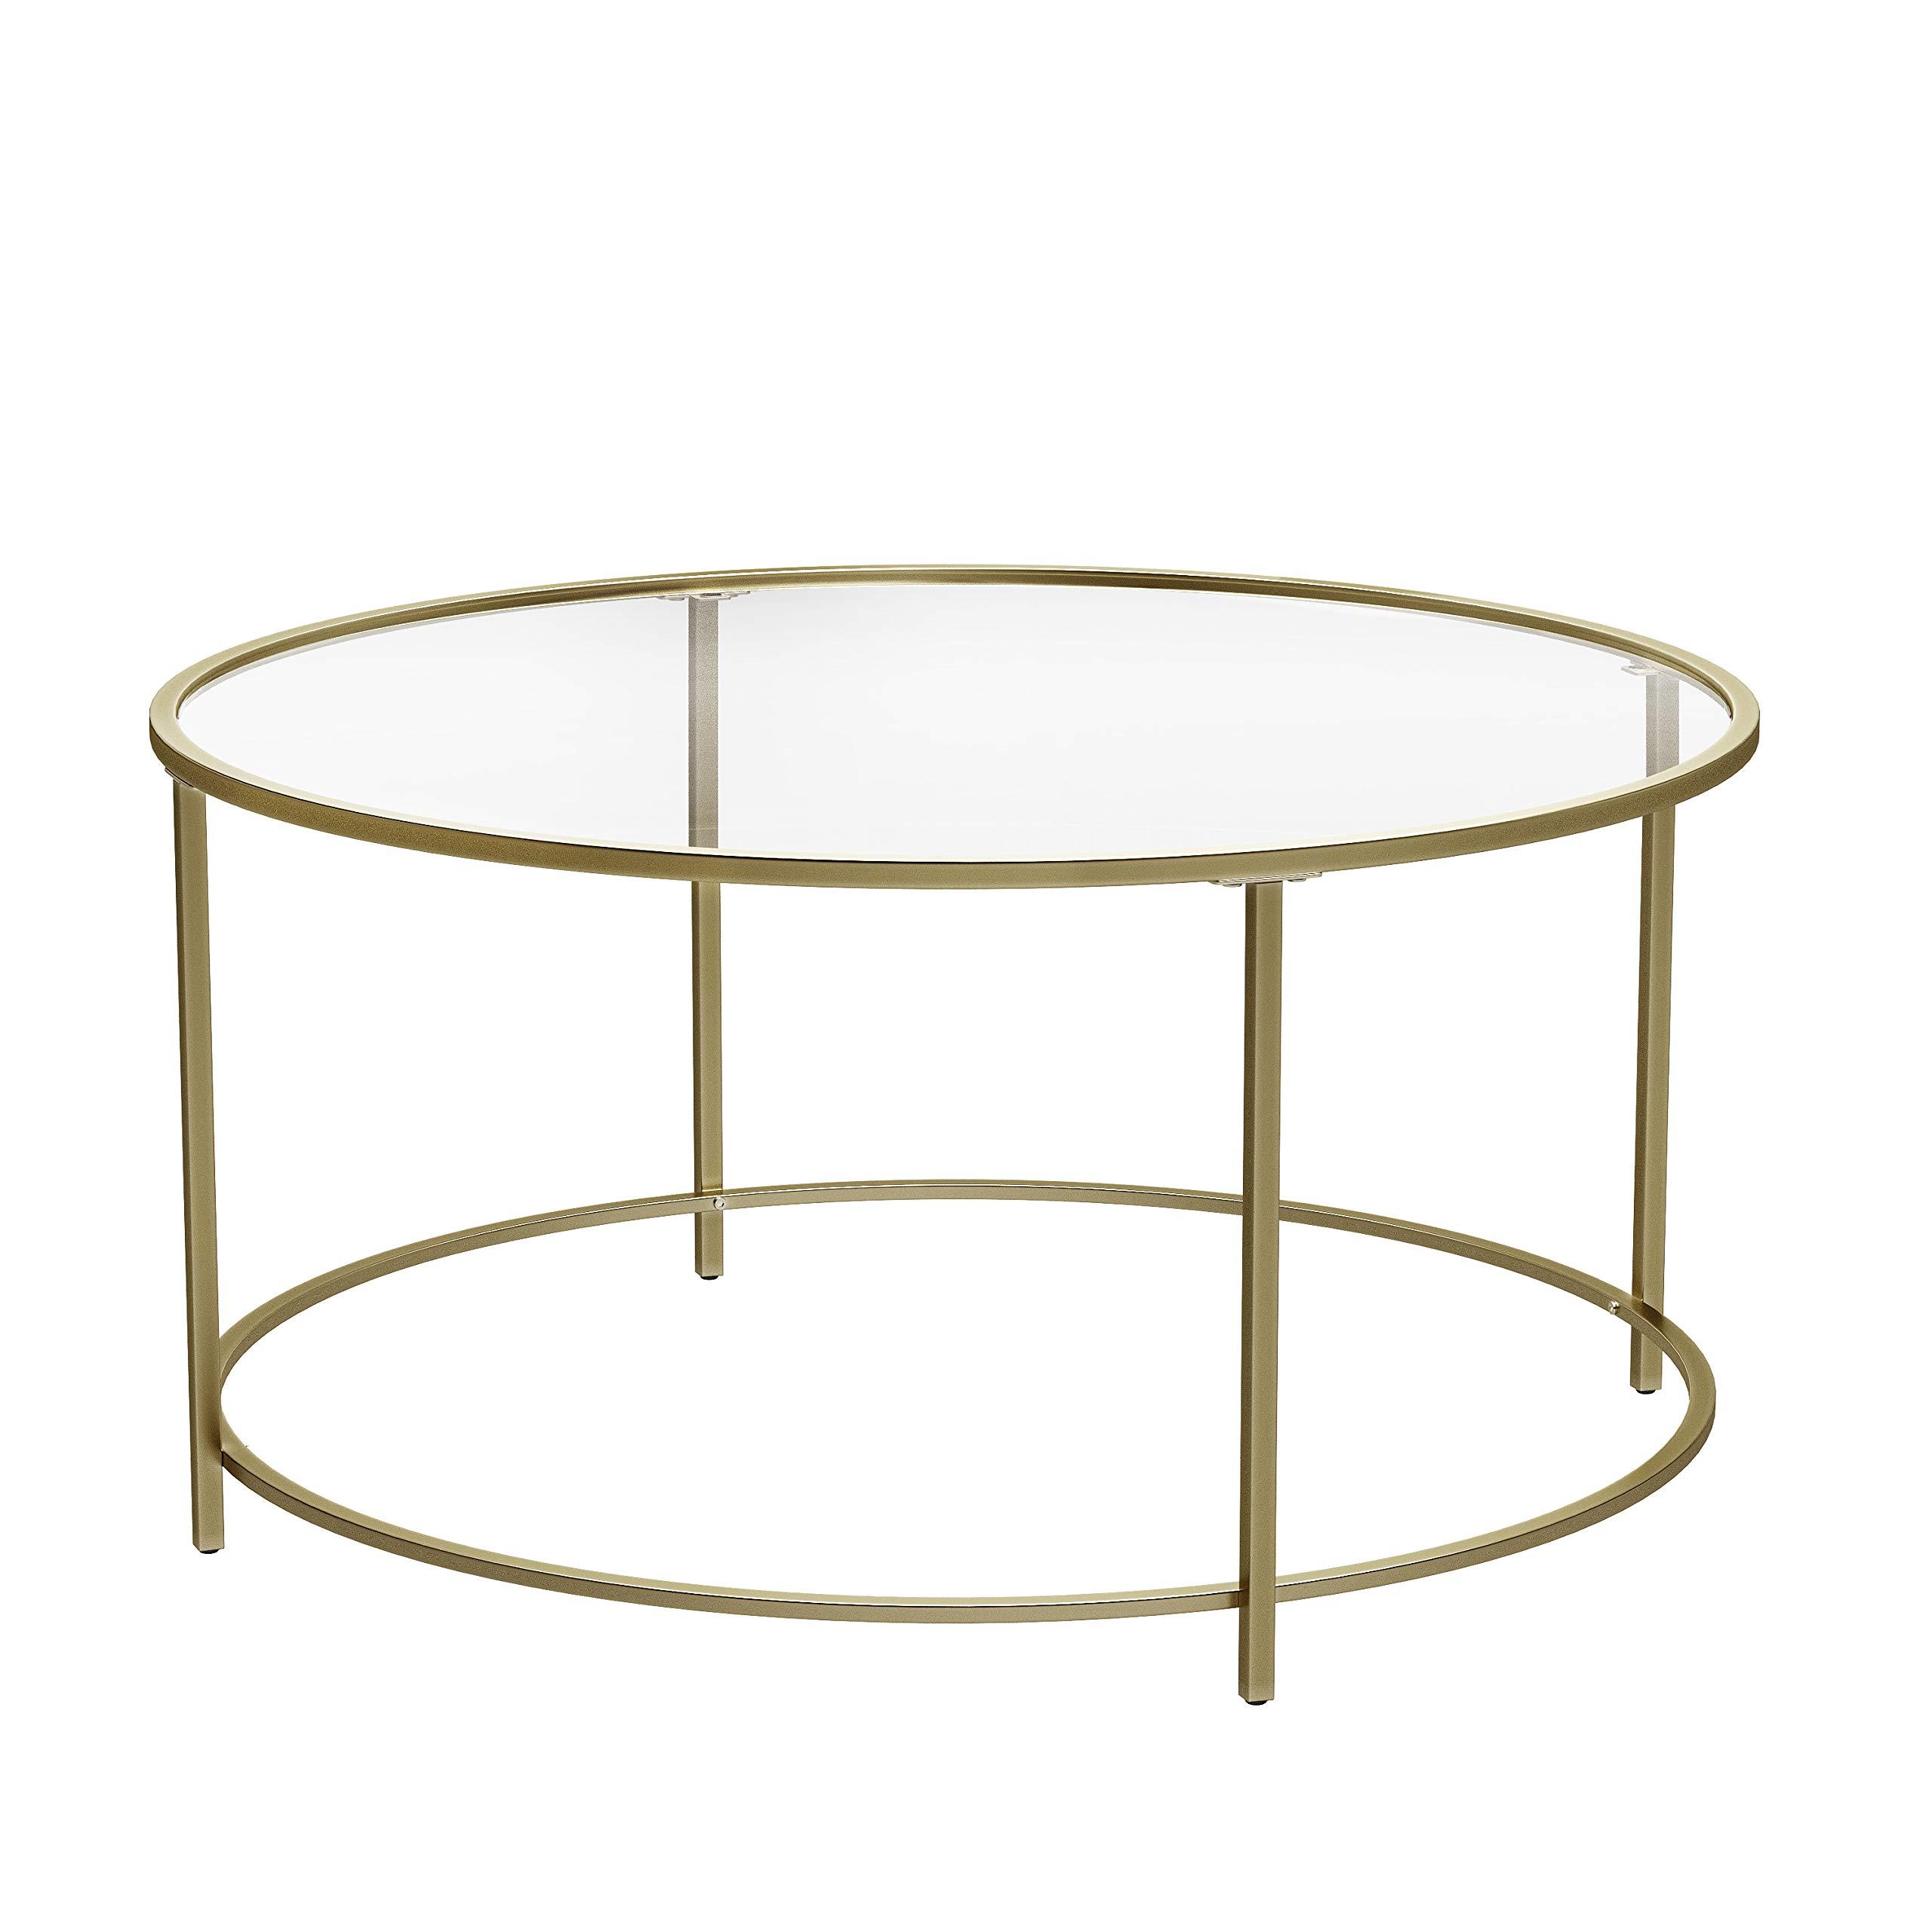 Vasagle Table Basse Ronde Plateau En Verre Trempe Armature Metallique Doree Table De Salon Bout De Canape Robuste Deco Royale